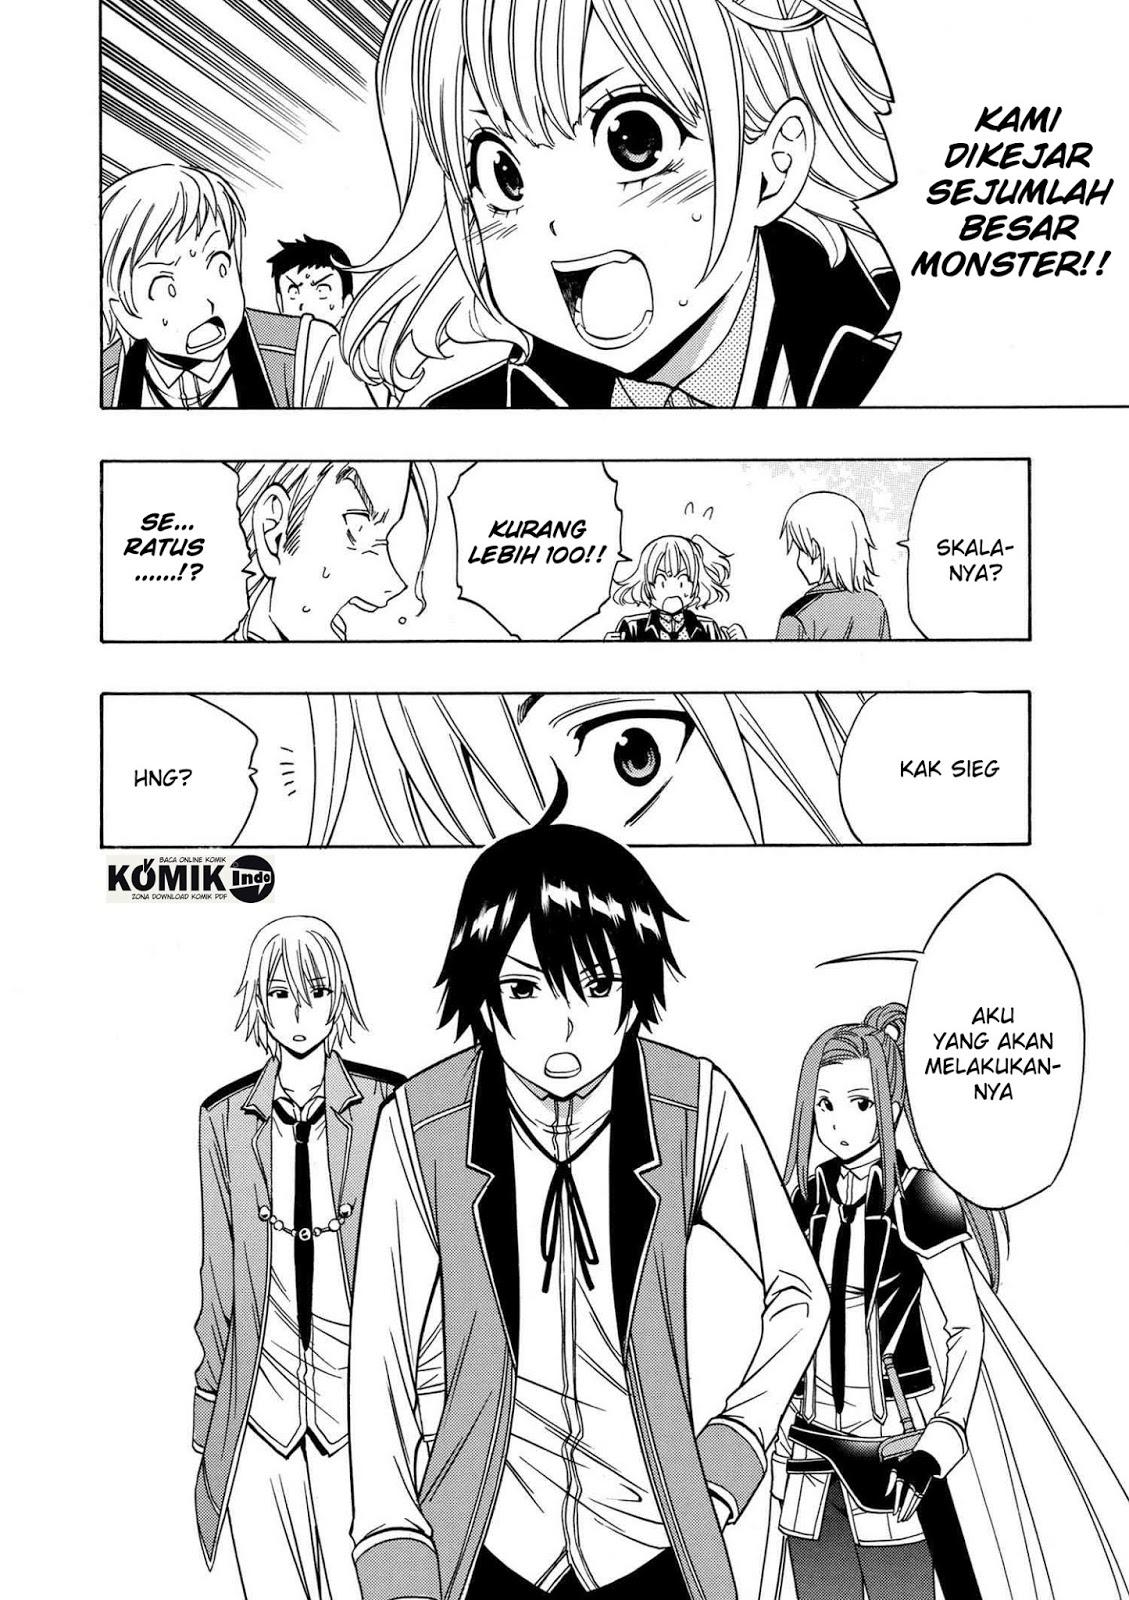 Kenja no Mago 12 – Mangashiro